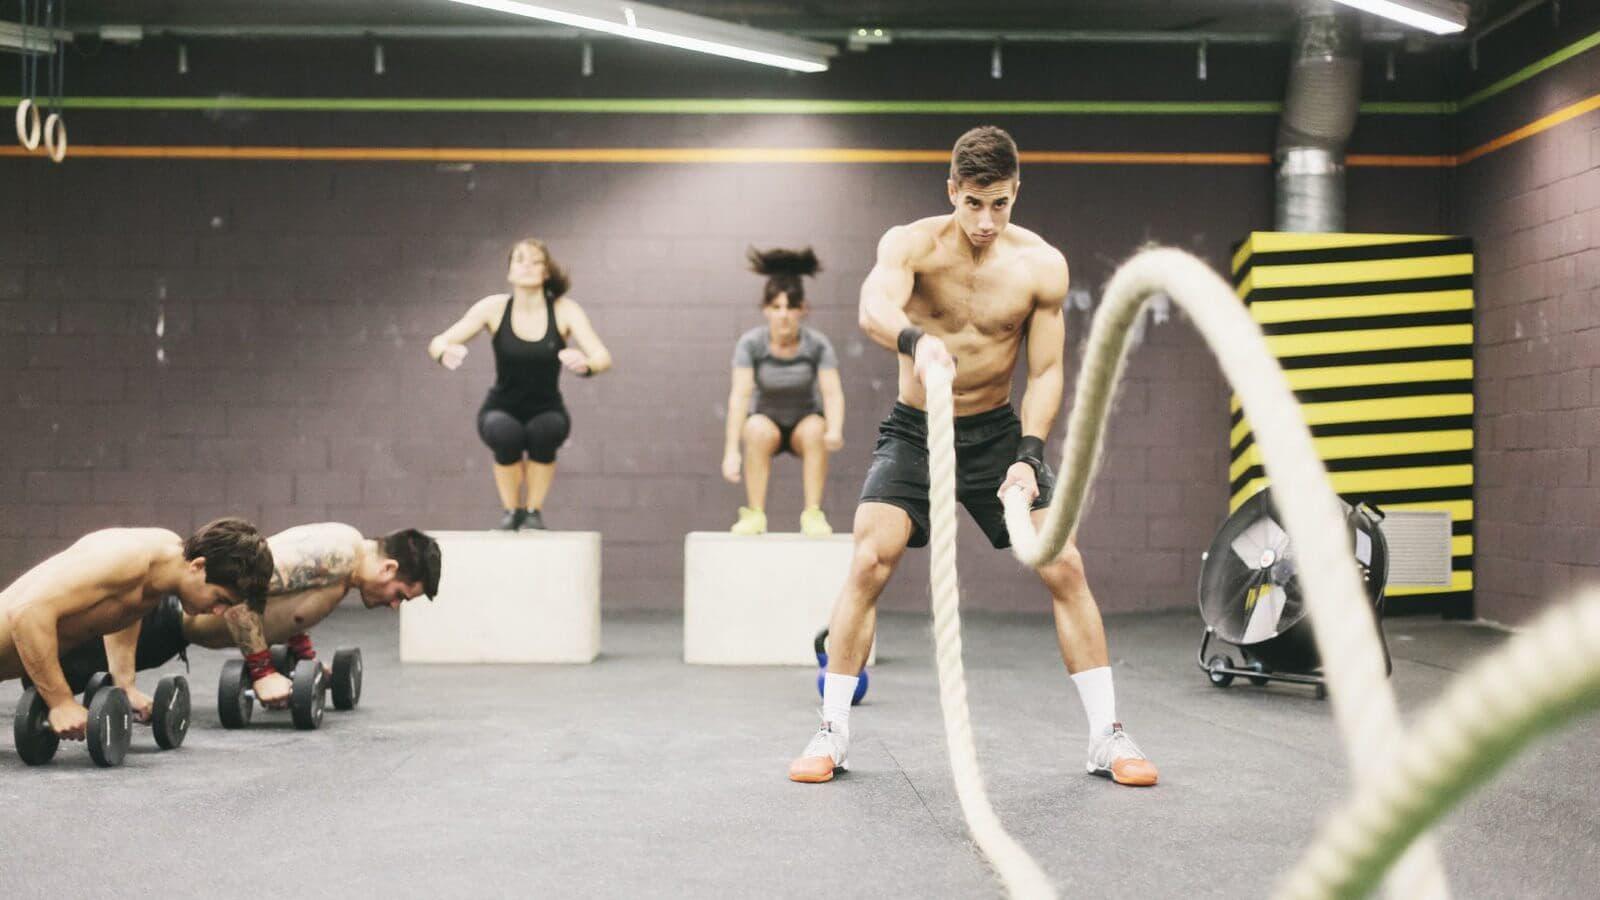 Circuito Quema Grasa Gimnasio : La mejor rutina con pesas para perder grasa entrenamiento